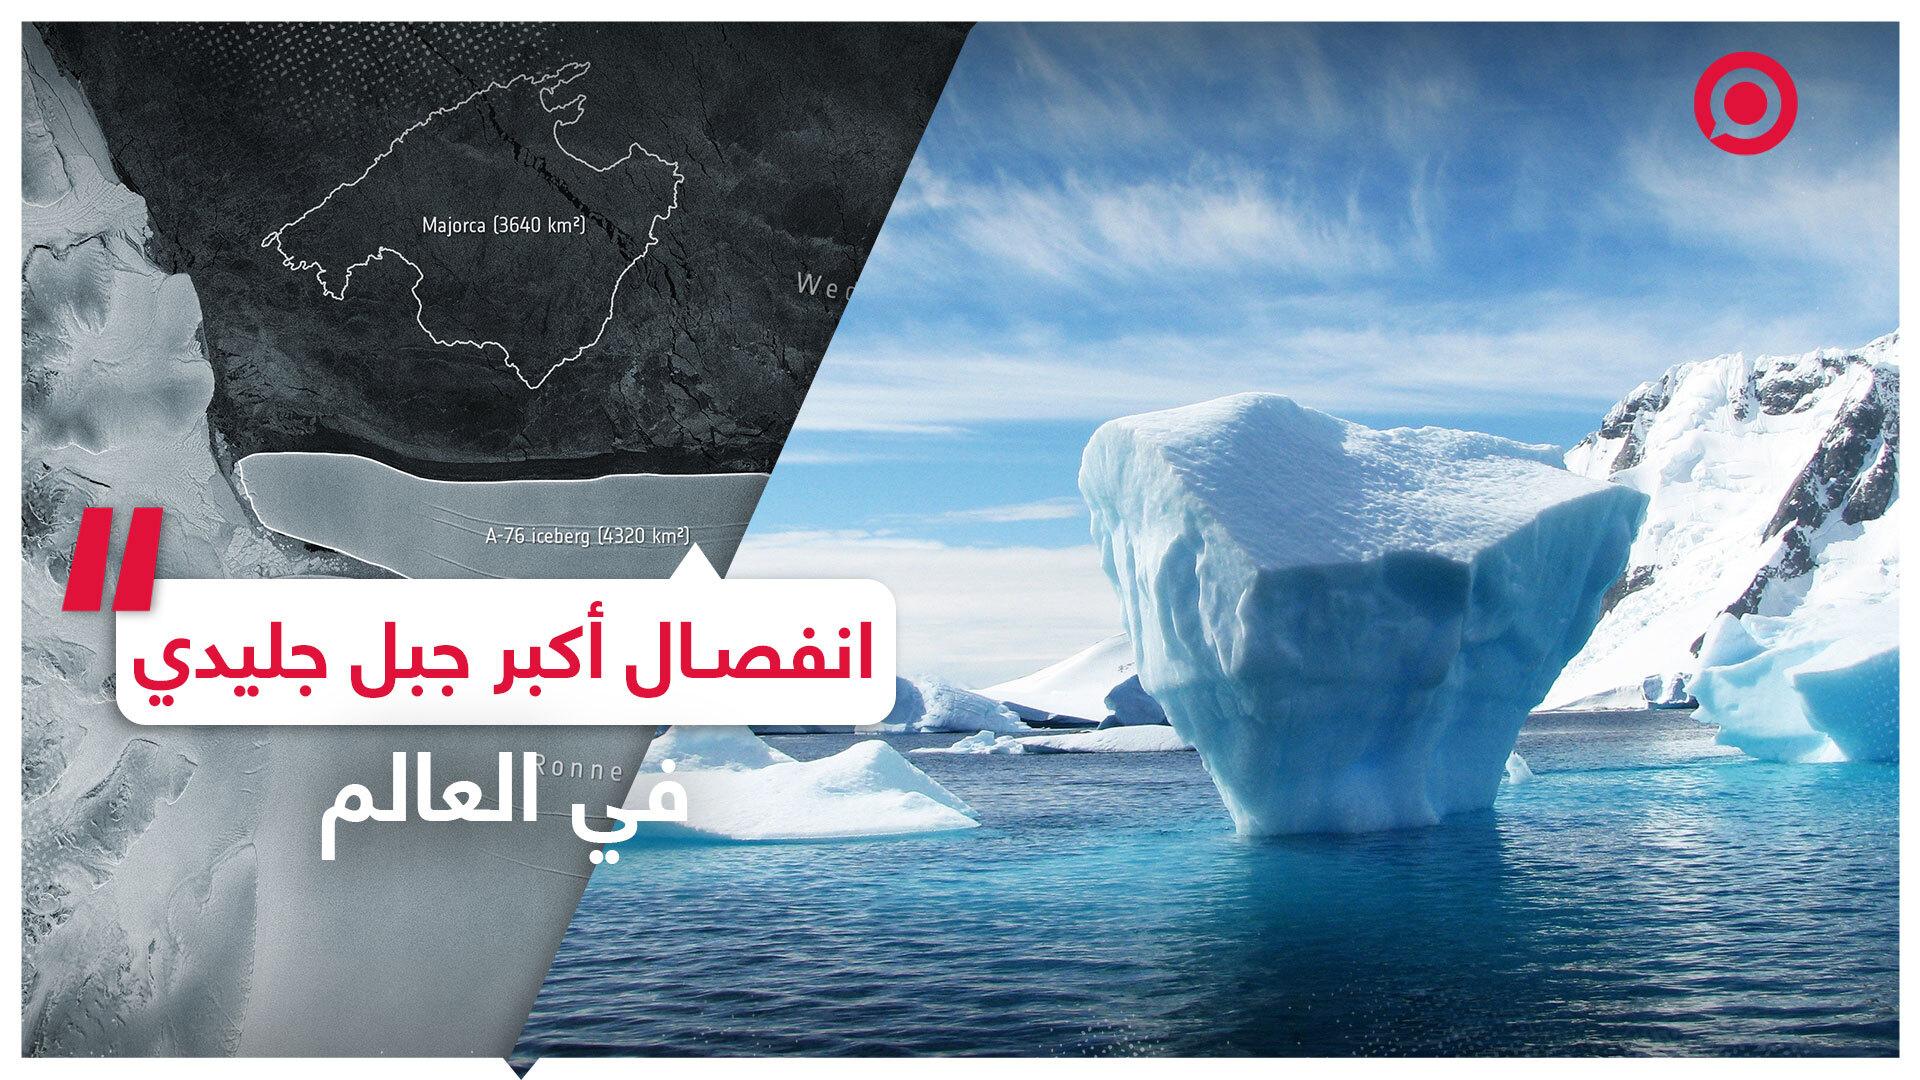 أكبر جبل جليدي في العالم ينفصل عن القارة القطبية الجنوبية